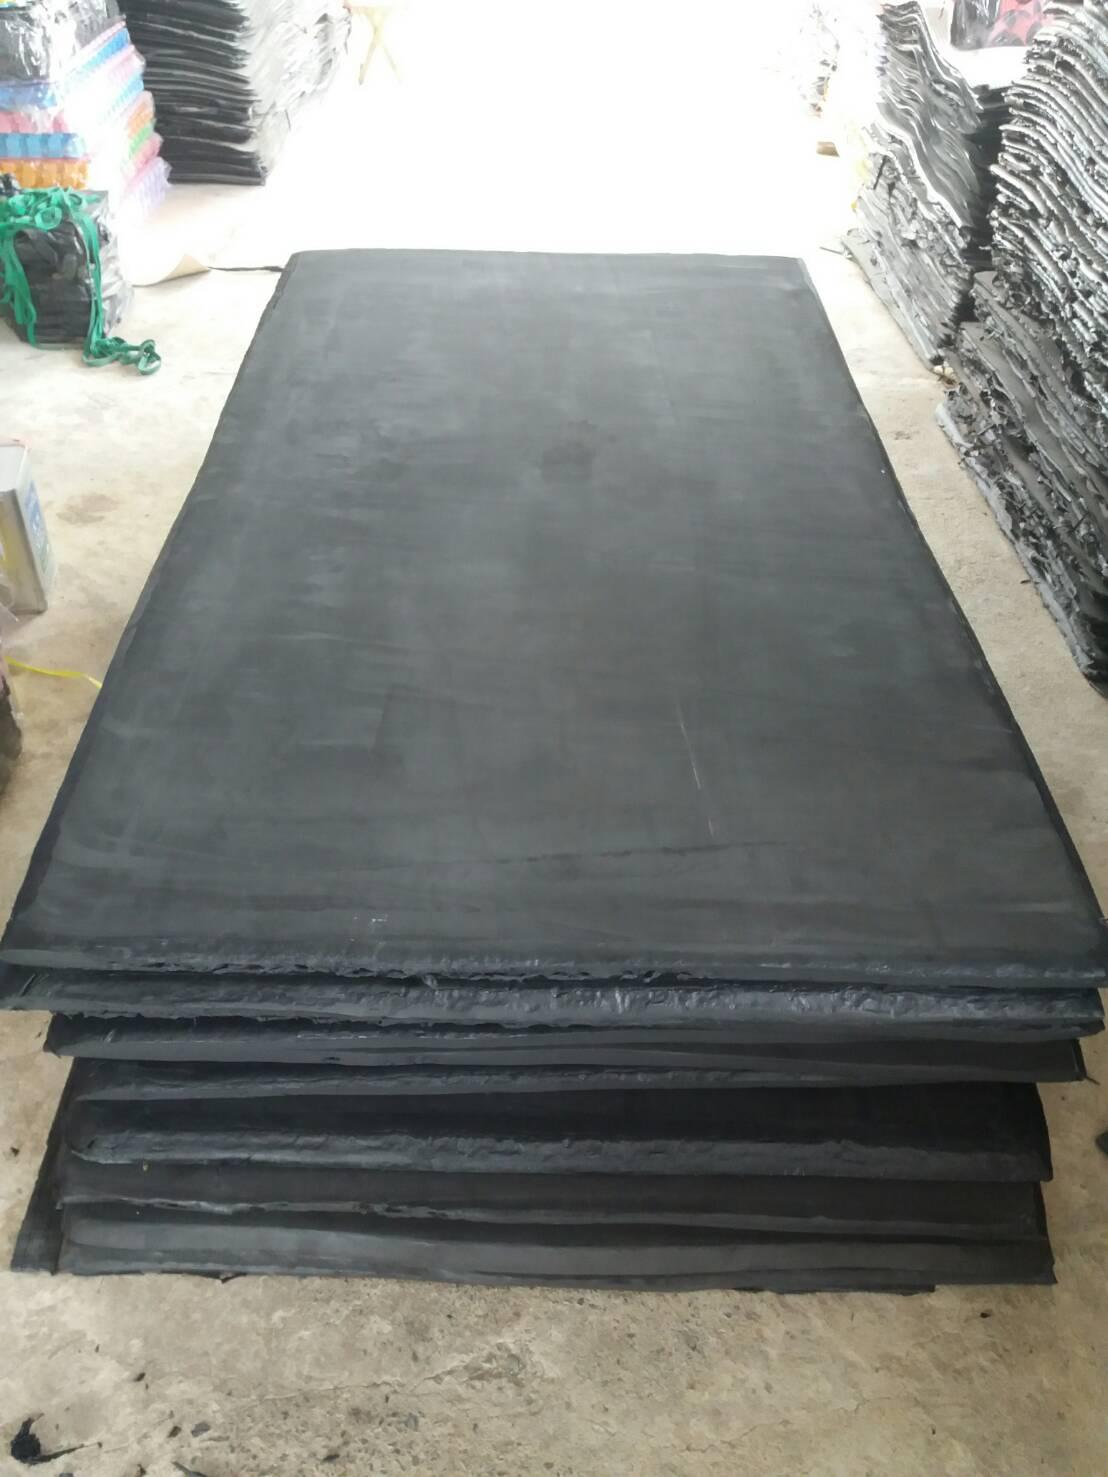 แผ่นยางกันกระแทกสีดำ ขนาด 140 x 240 ซม. หนา 50 มม.